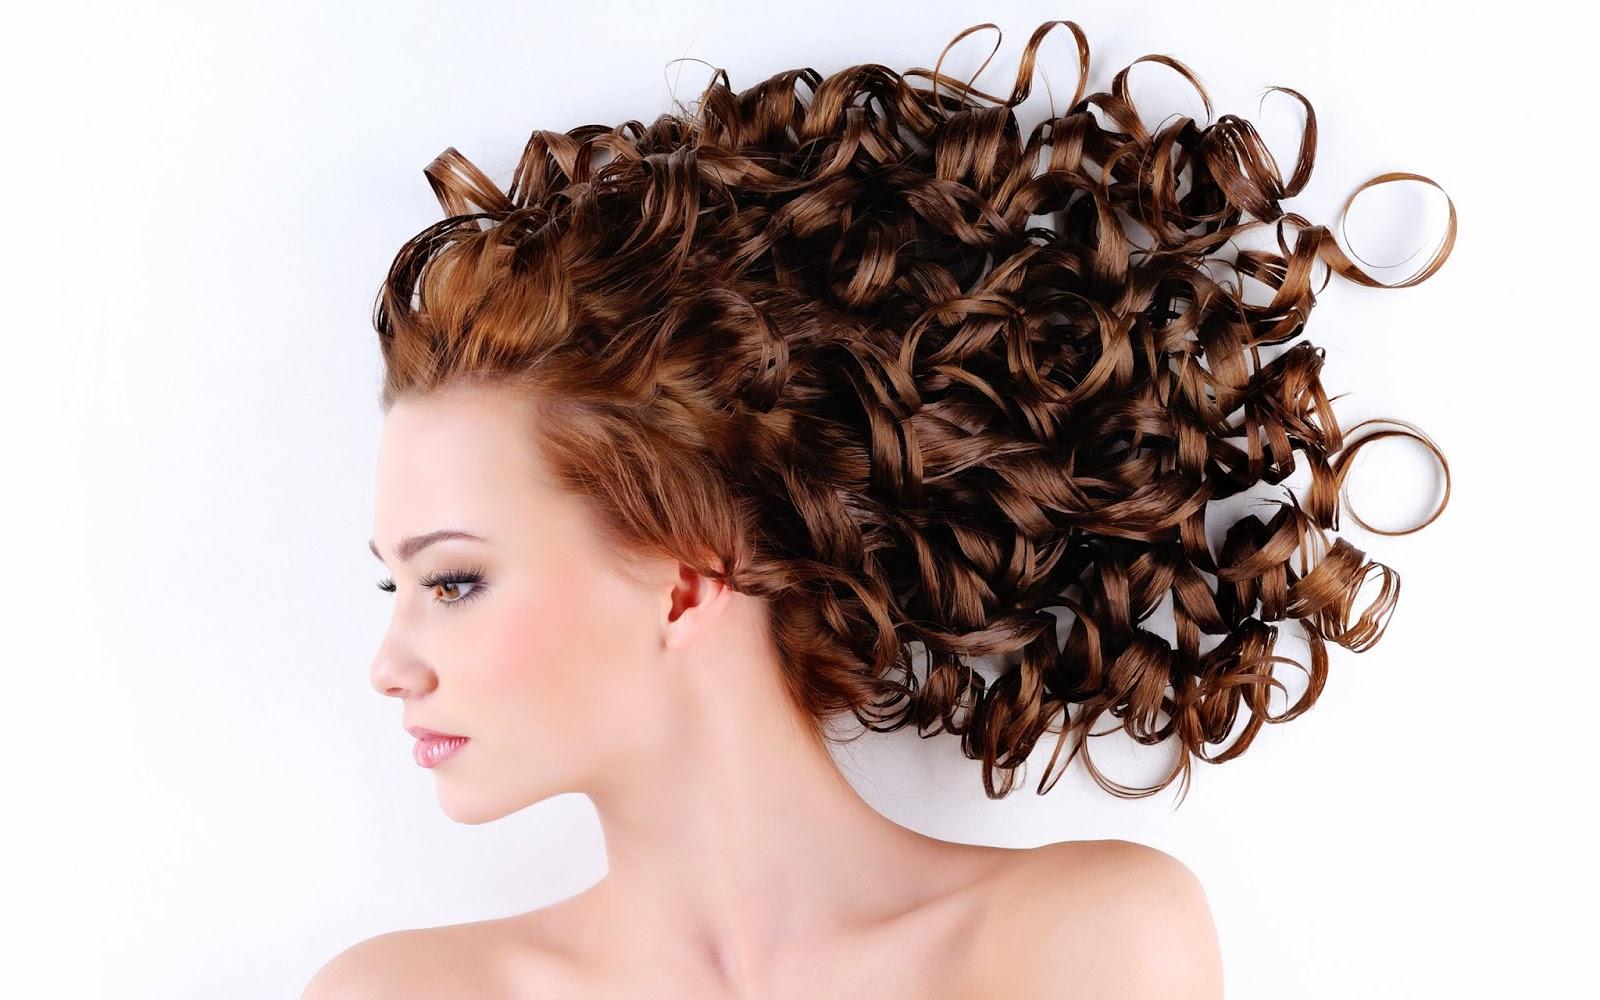 Sognare di tingersi i capelli colorati